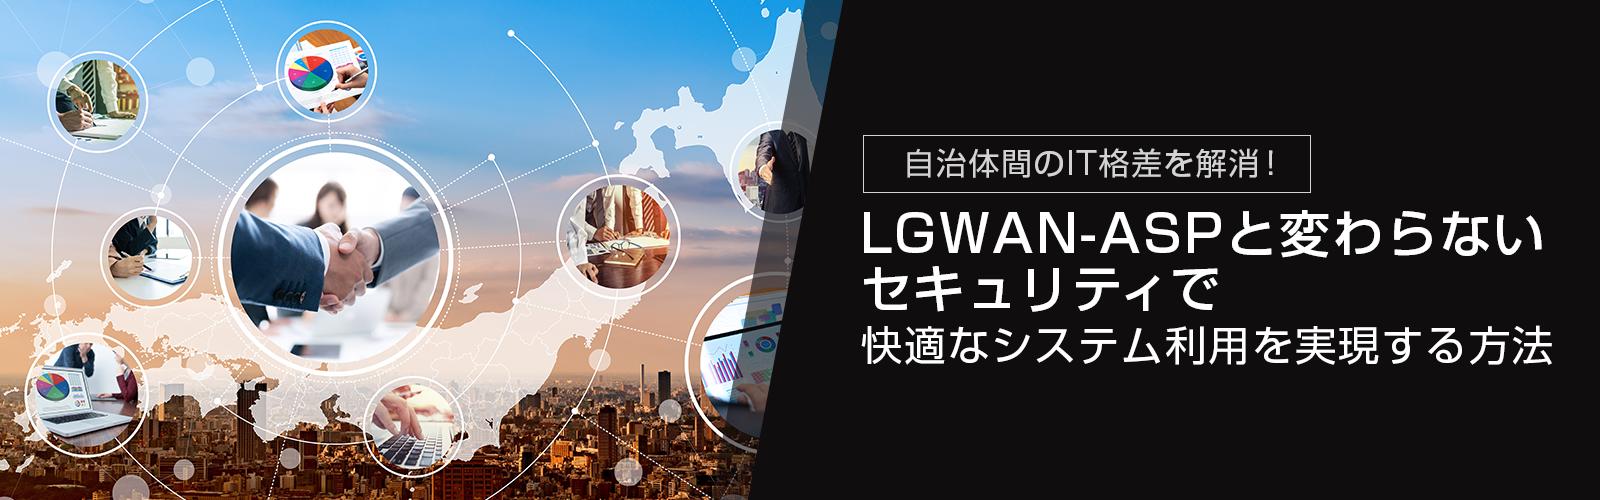 自治体間のIT格差を解消!LGWAN-ASPと変わらないセキュリティで快適なシステム利用を実現する方法